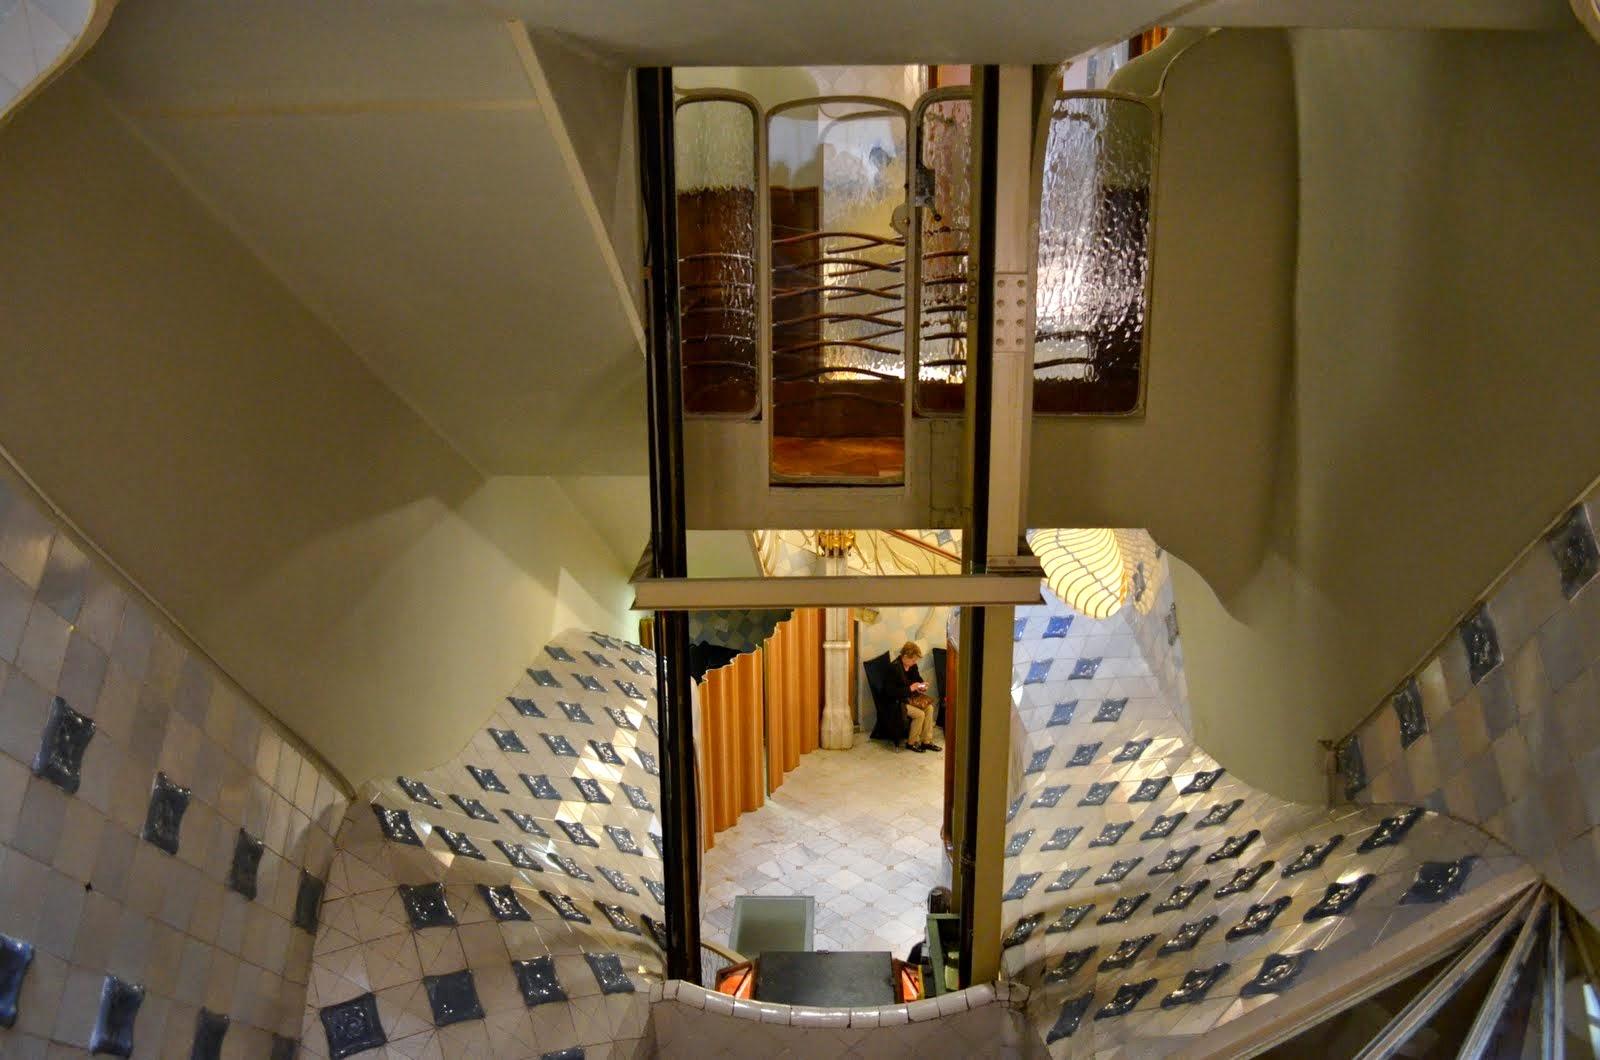 la casa batll les pedres de barcelona. Black Bedroom Furniture Sets. Home Design Ideas